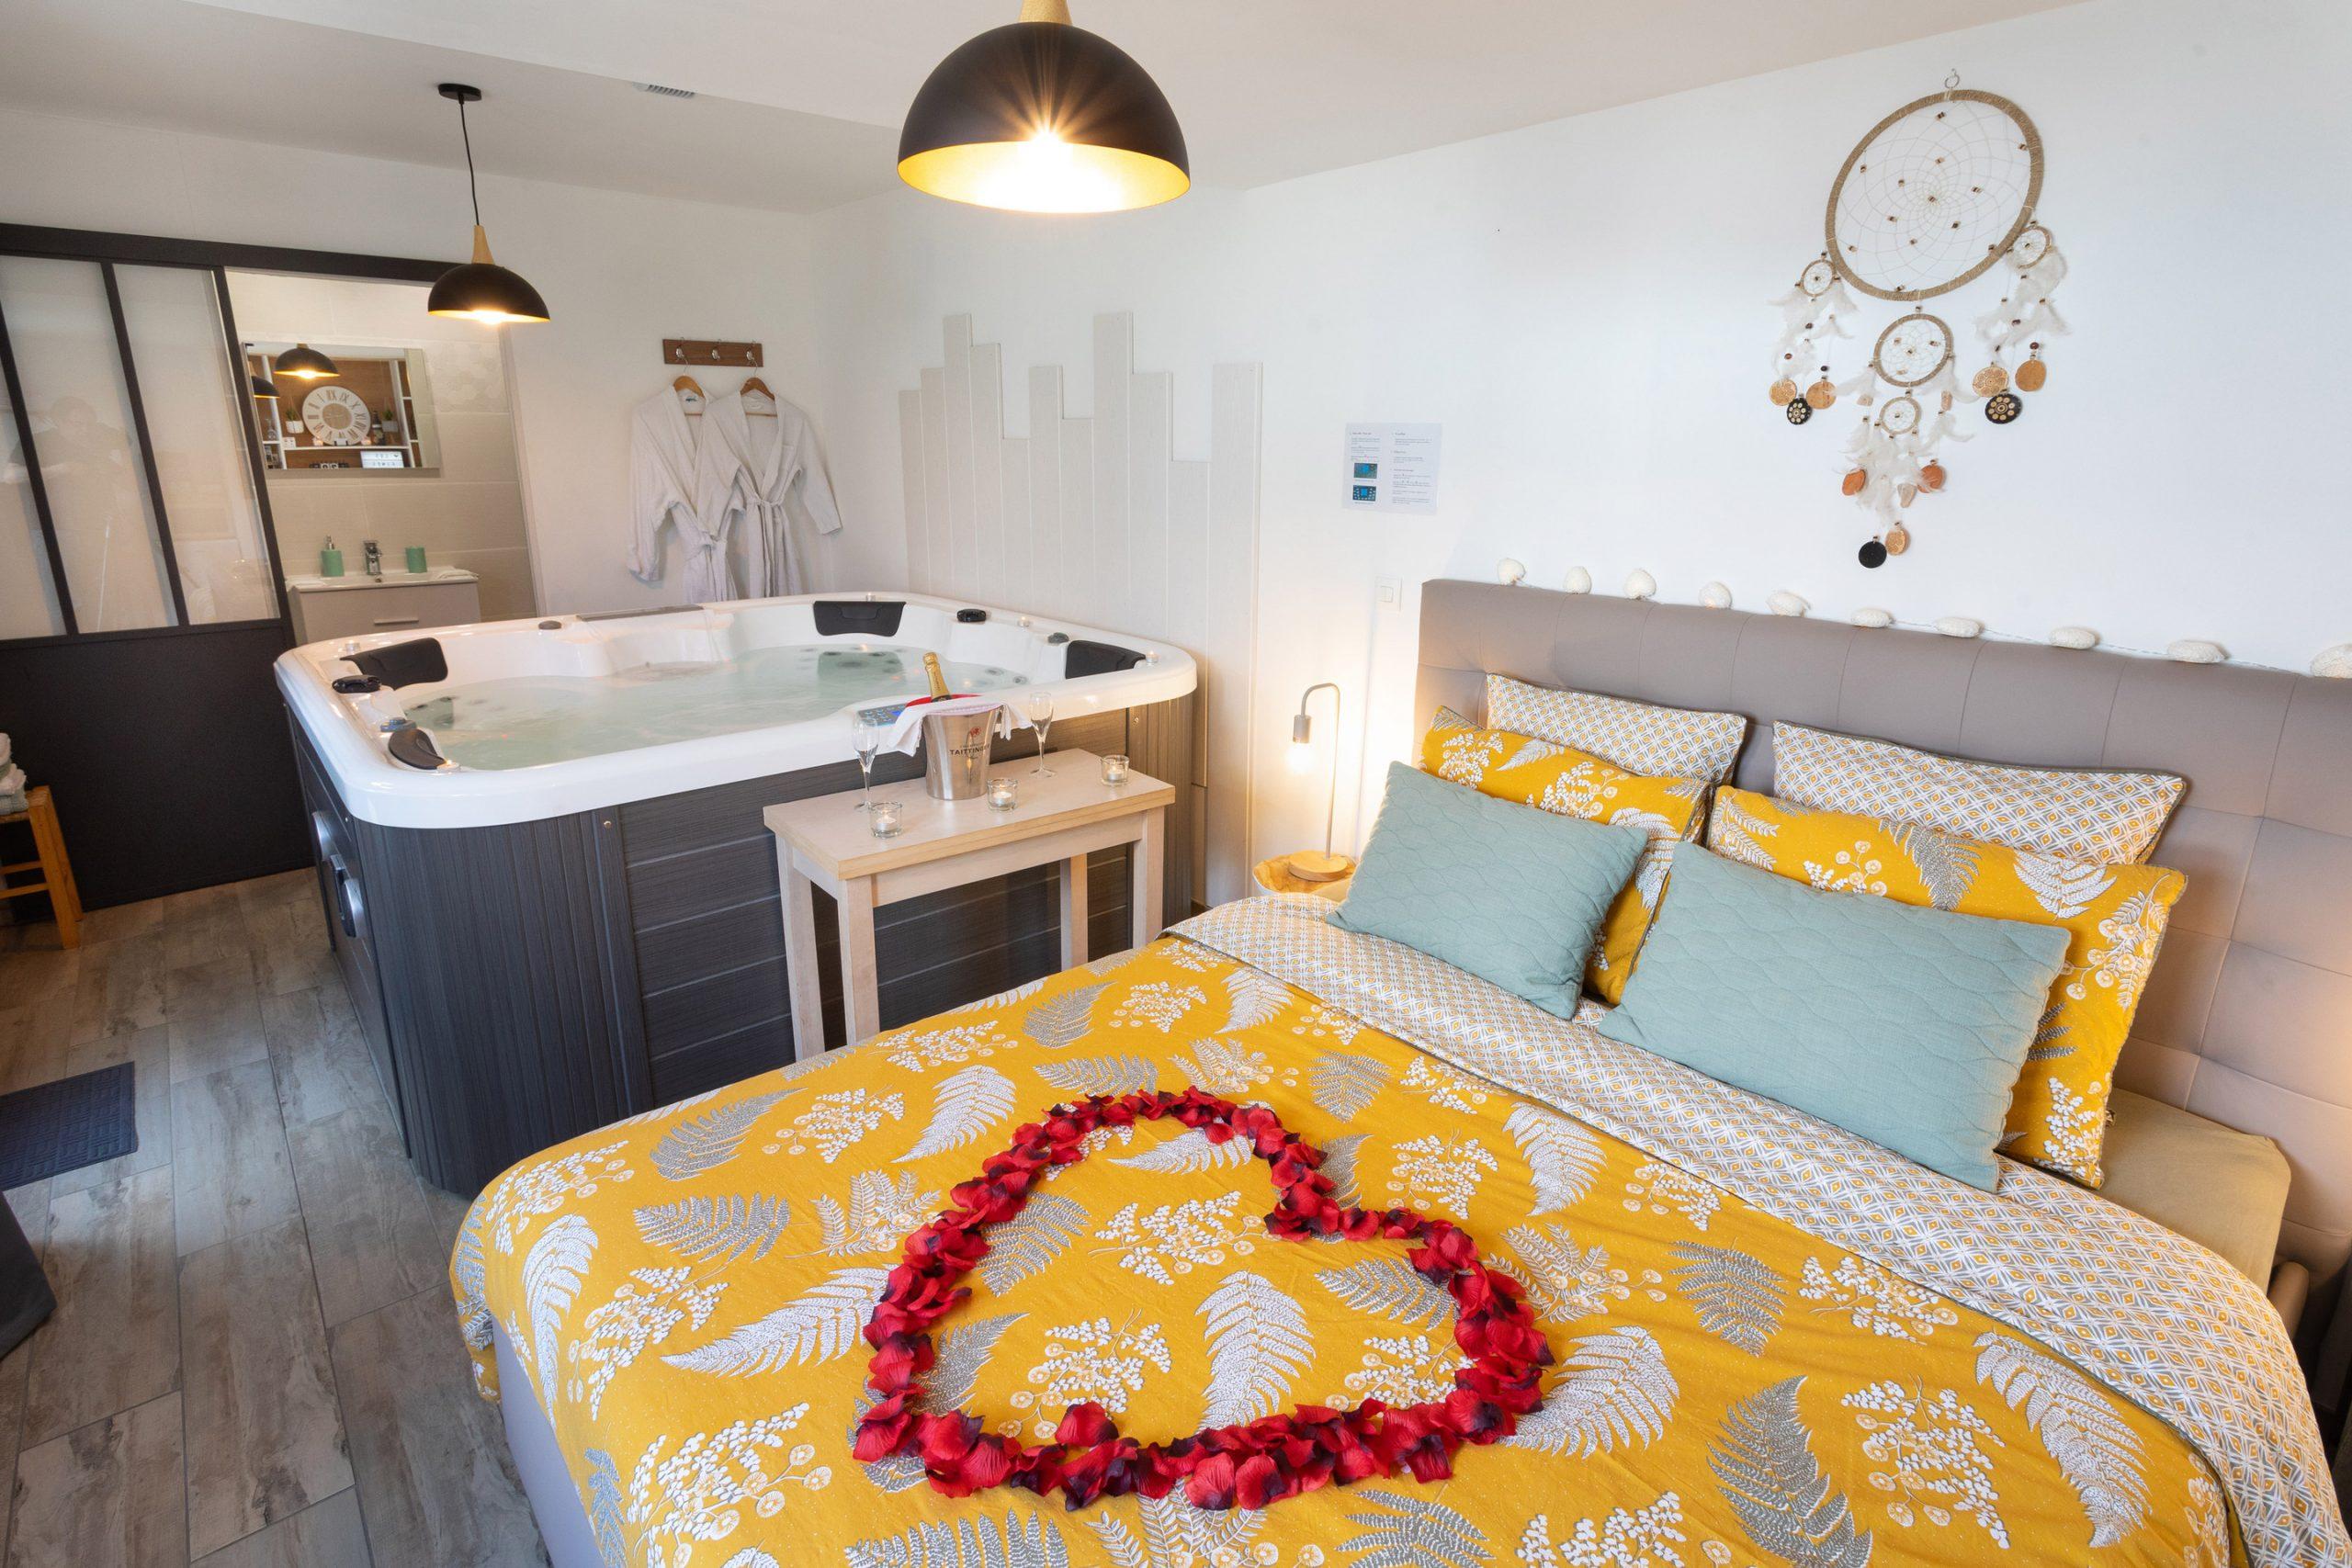 Chambre Avec Jacuzzi Privatif En Île-De-France   Abritel destiné Hotel Avec Piscine Privée Dans La Chambre France